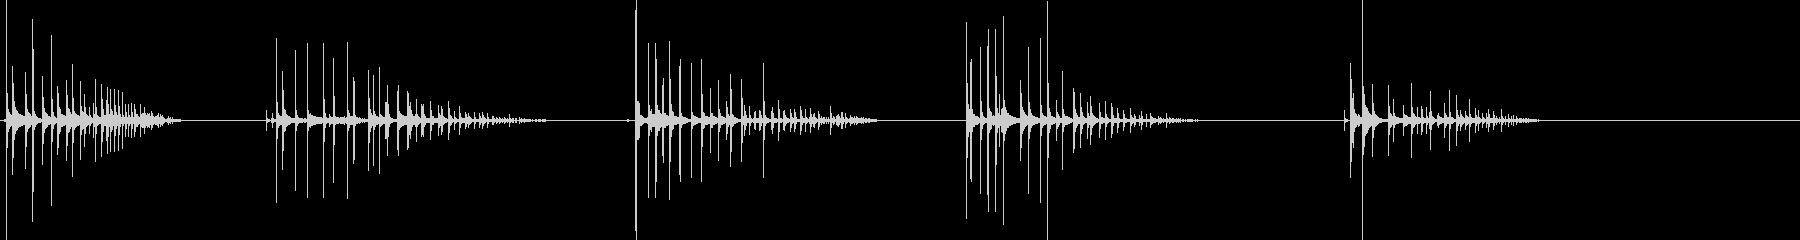 空っぽのペットボトルを落とした時の音ですの未再生の波形